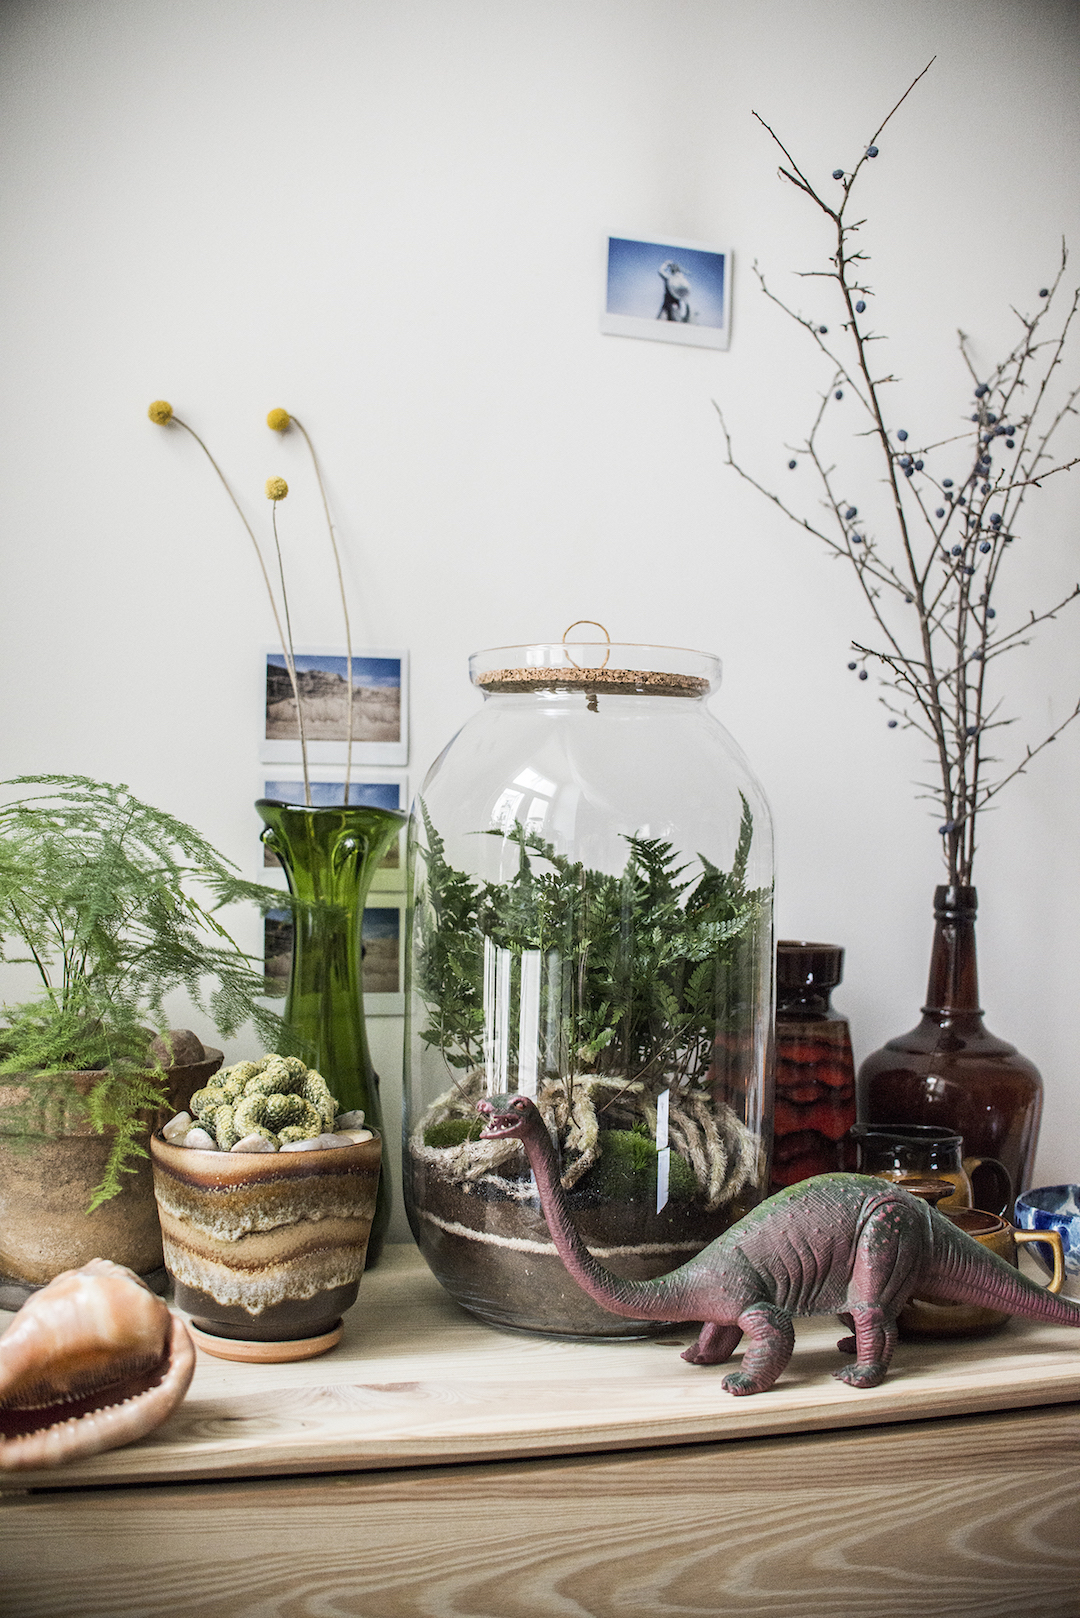 Stolik z roślinami w doniczkach i słoikach